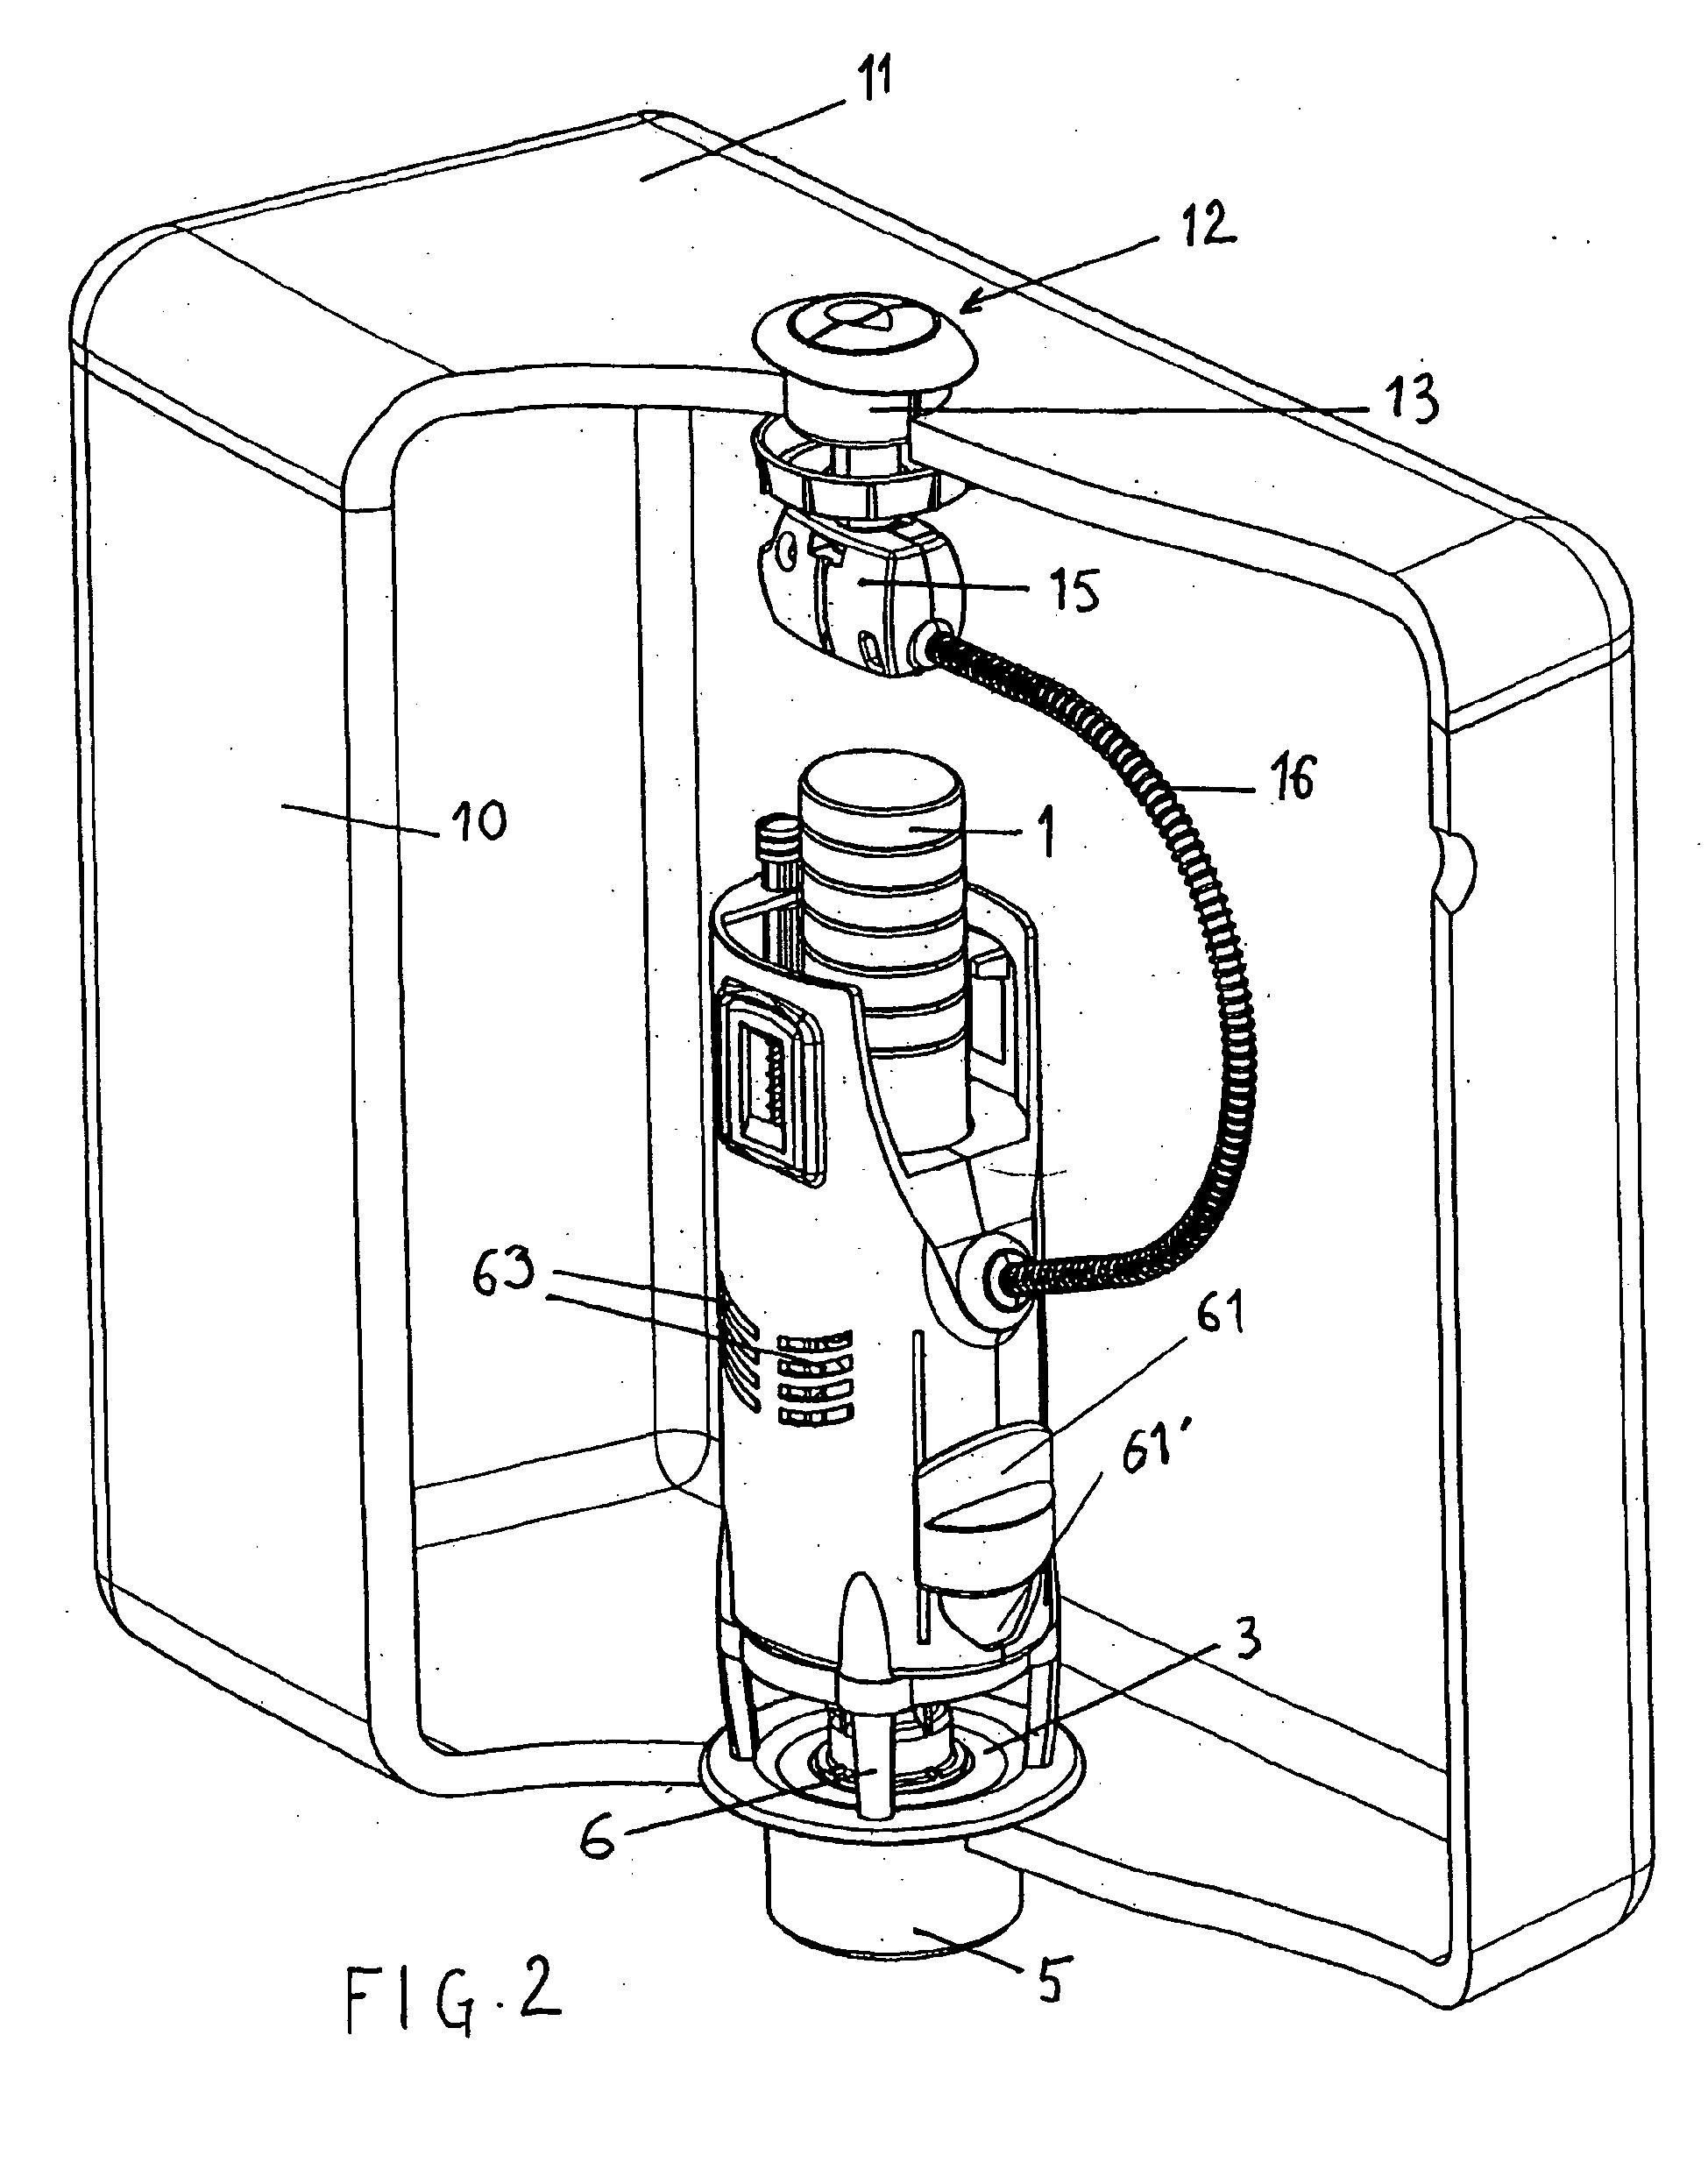 brevet ep1354100b1 mecanisme de chasse d 39 eau pour. Black Bedroom Furniture Sets. Home Design Ideas